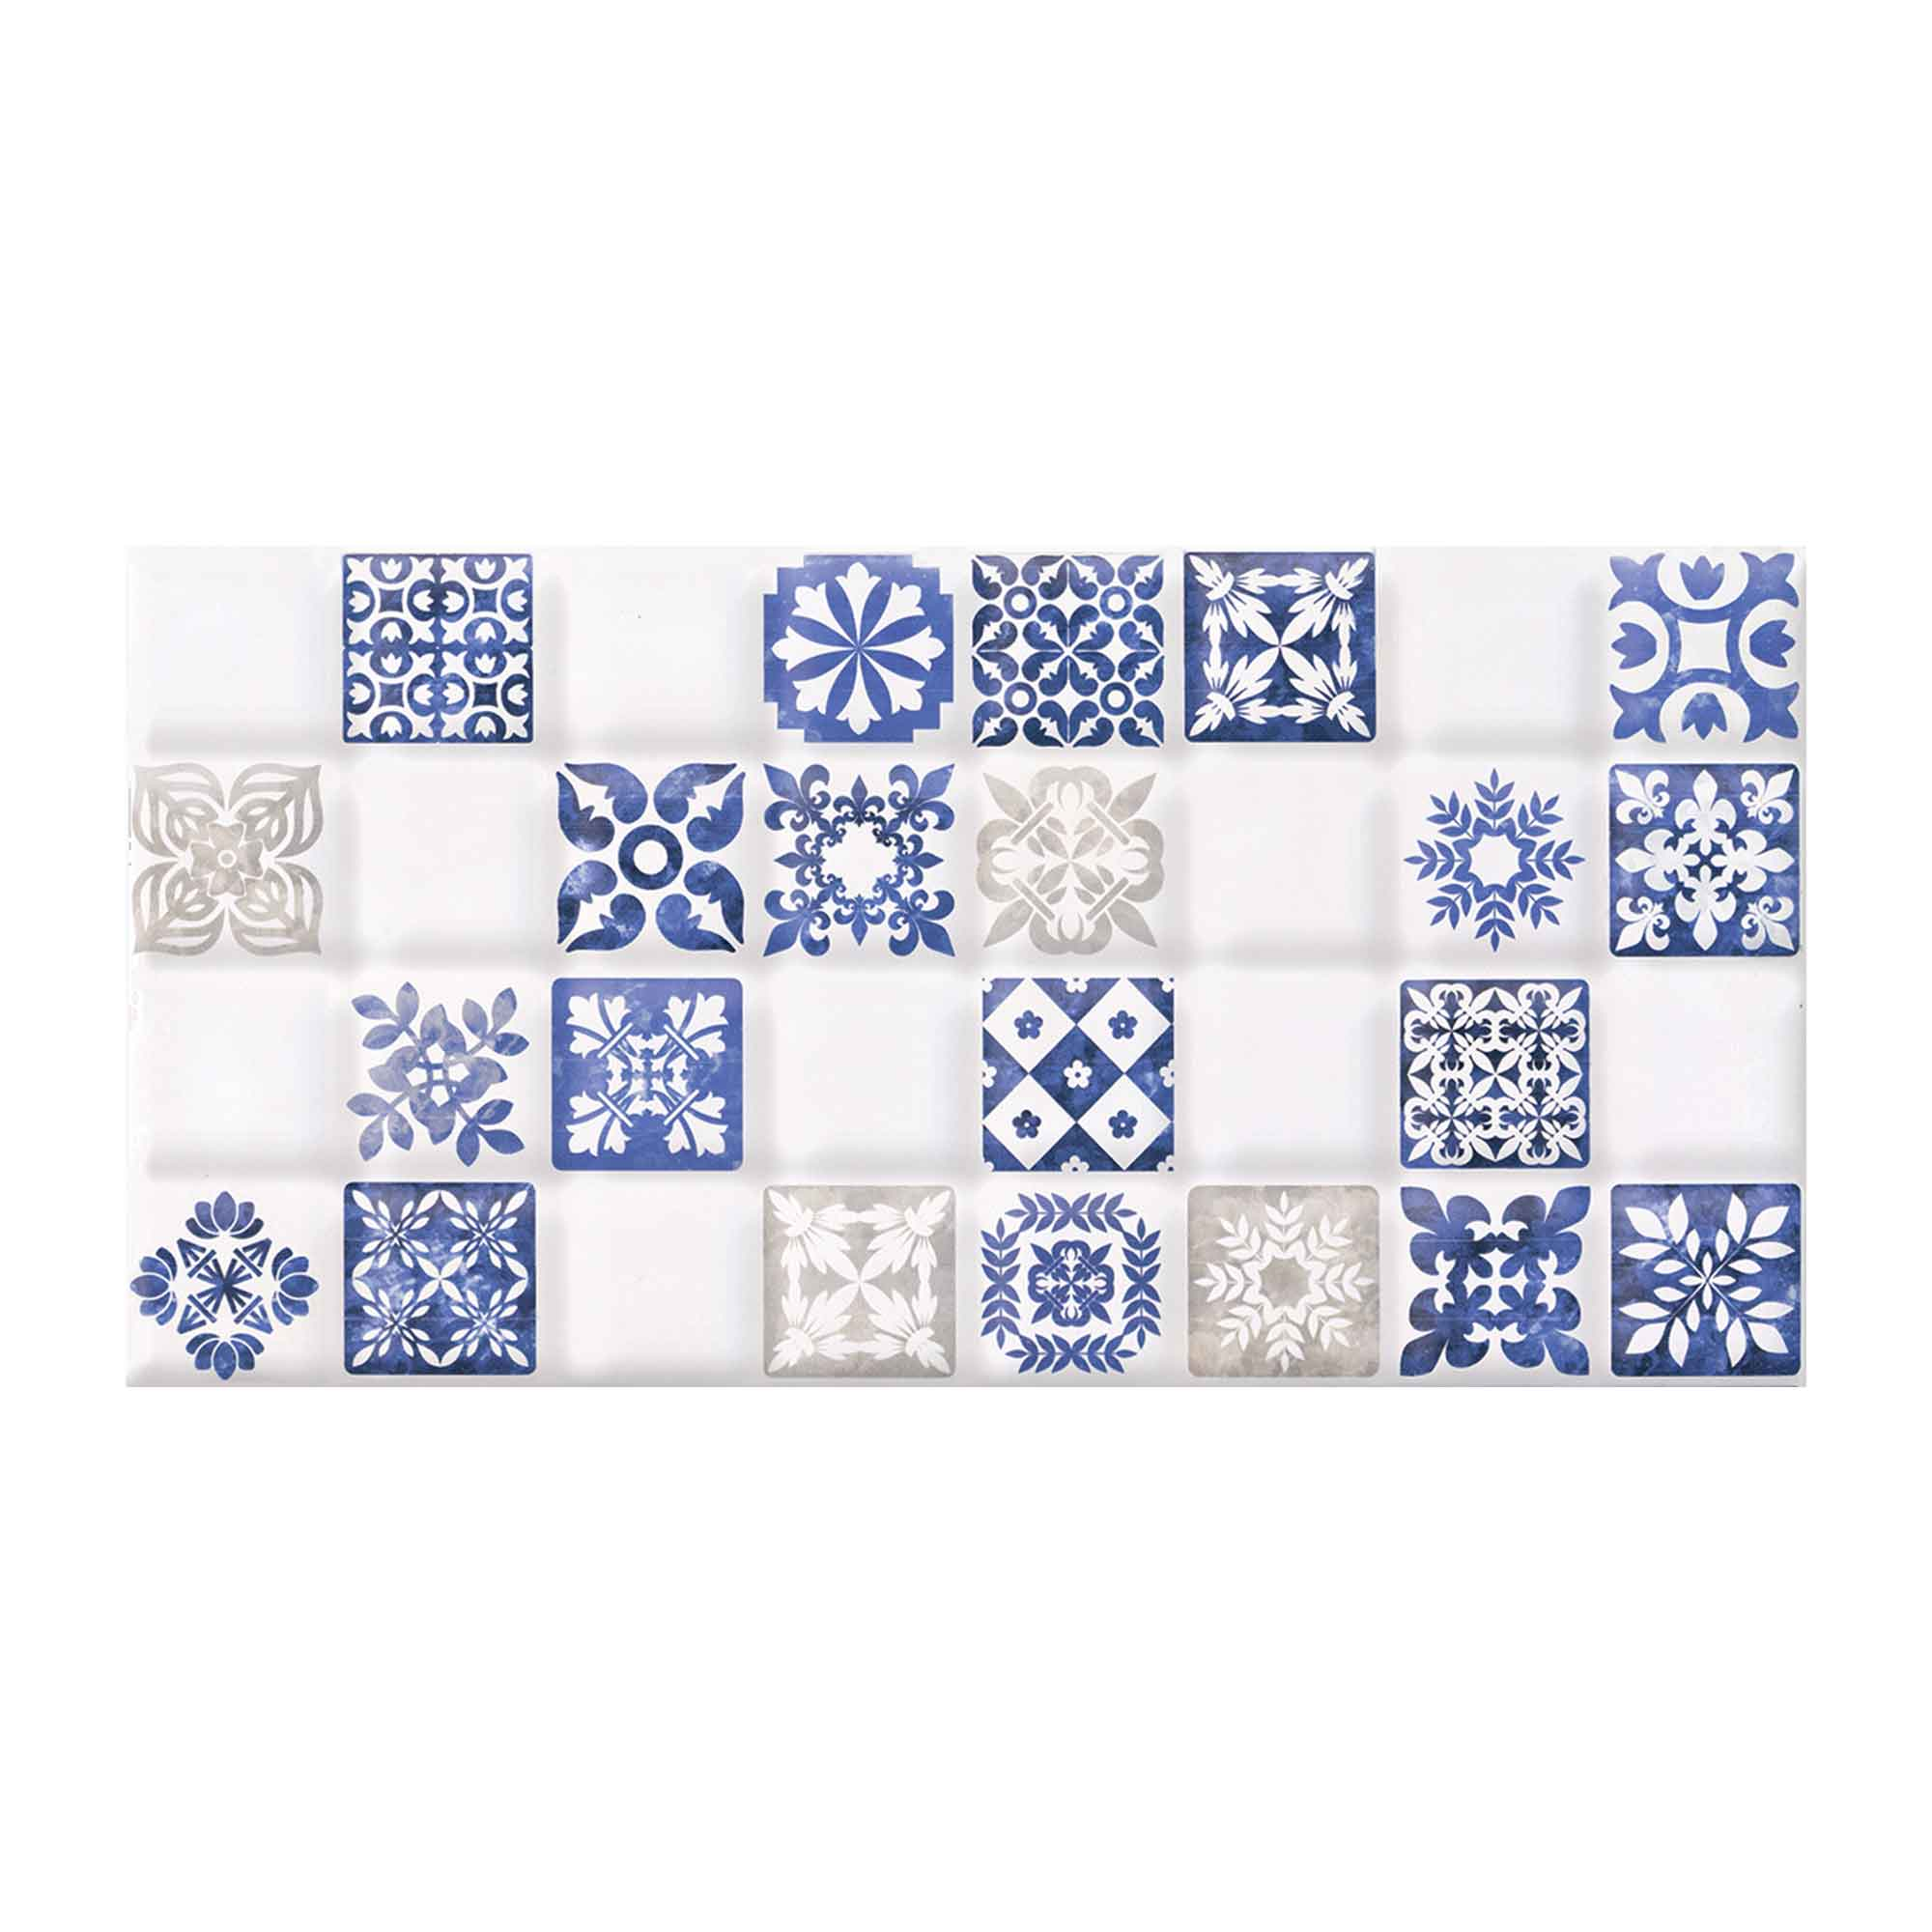 Faianta decorativa Cesarom Maiolica D alb lucios, model cu patratele in relief, dreptunghiulara, 20,2 x 40,2 cm mathaus 2021